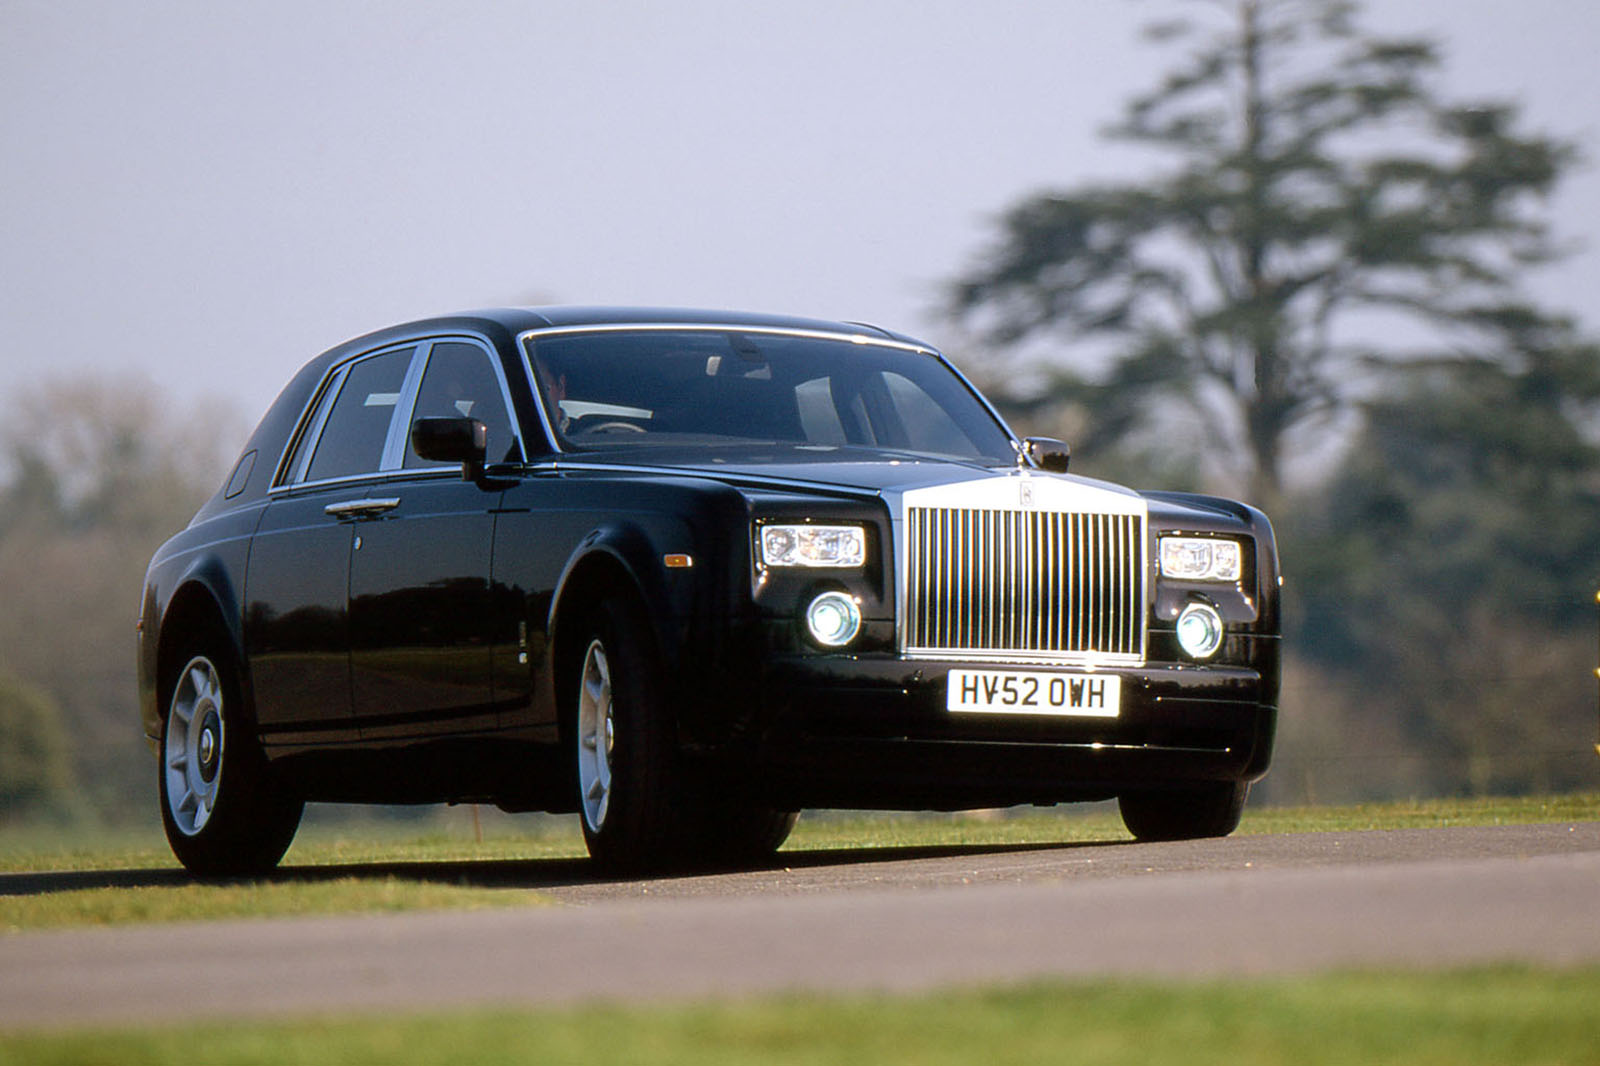 Used car buying guide: Rolls-Royce Phantom | Autocar